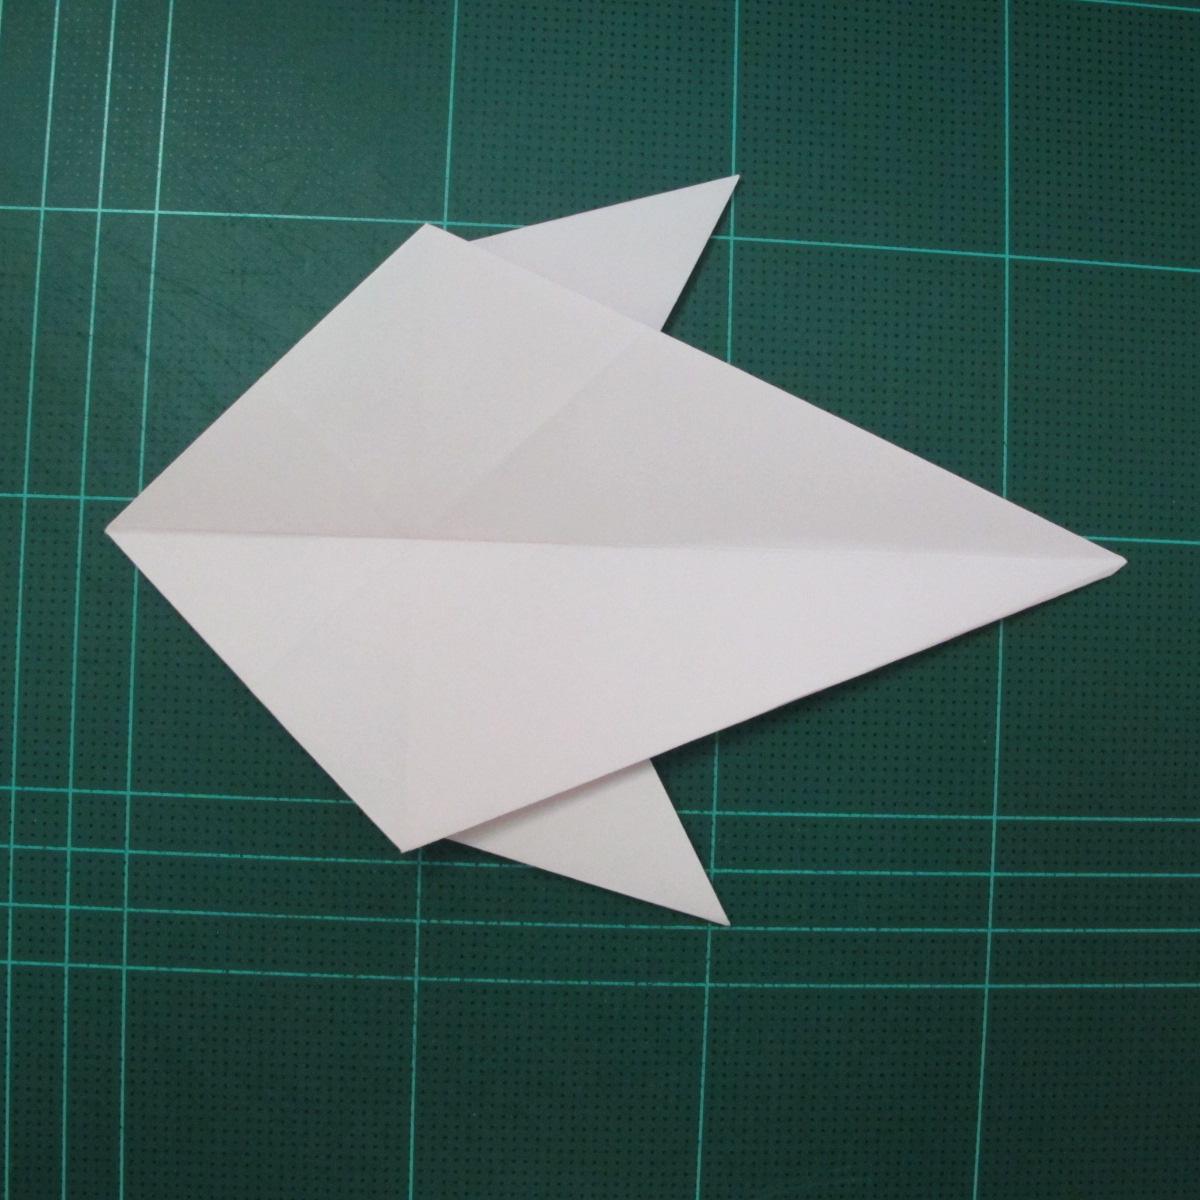 การพับกระดาษเป็นไดโนเสาร์ทีเร็กซ์ (Origami Tyrannosaurus Rex) 025